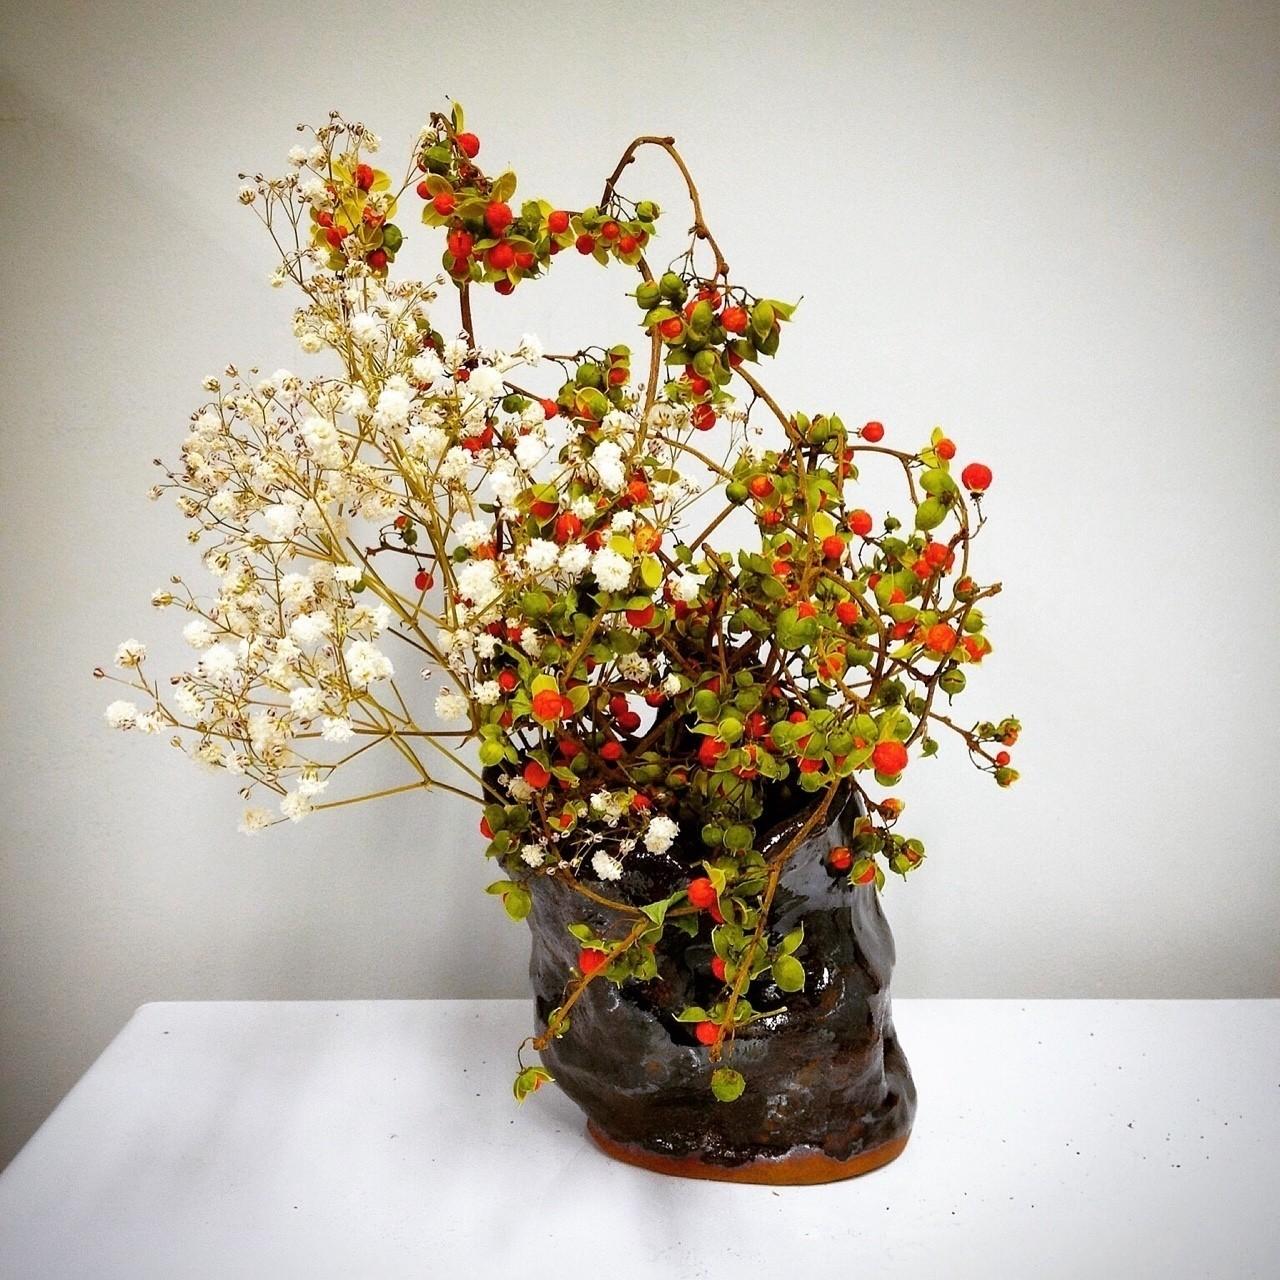 ツルウメモドキ、カスミソウ  花器は学生時代に自作で作ったもの。もともと美術部の友人に花器を作ってほしいと依頼したのだけれど、作っているところを見せてもらっているうちに自分でやりたくなって、結局自作してしまった。笑   #華道 #いけばな #生け花 #草月 #草月流 #花 #植物 #アート #デザイン #いけばな男子#花のある暮らし